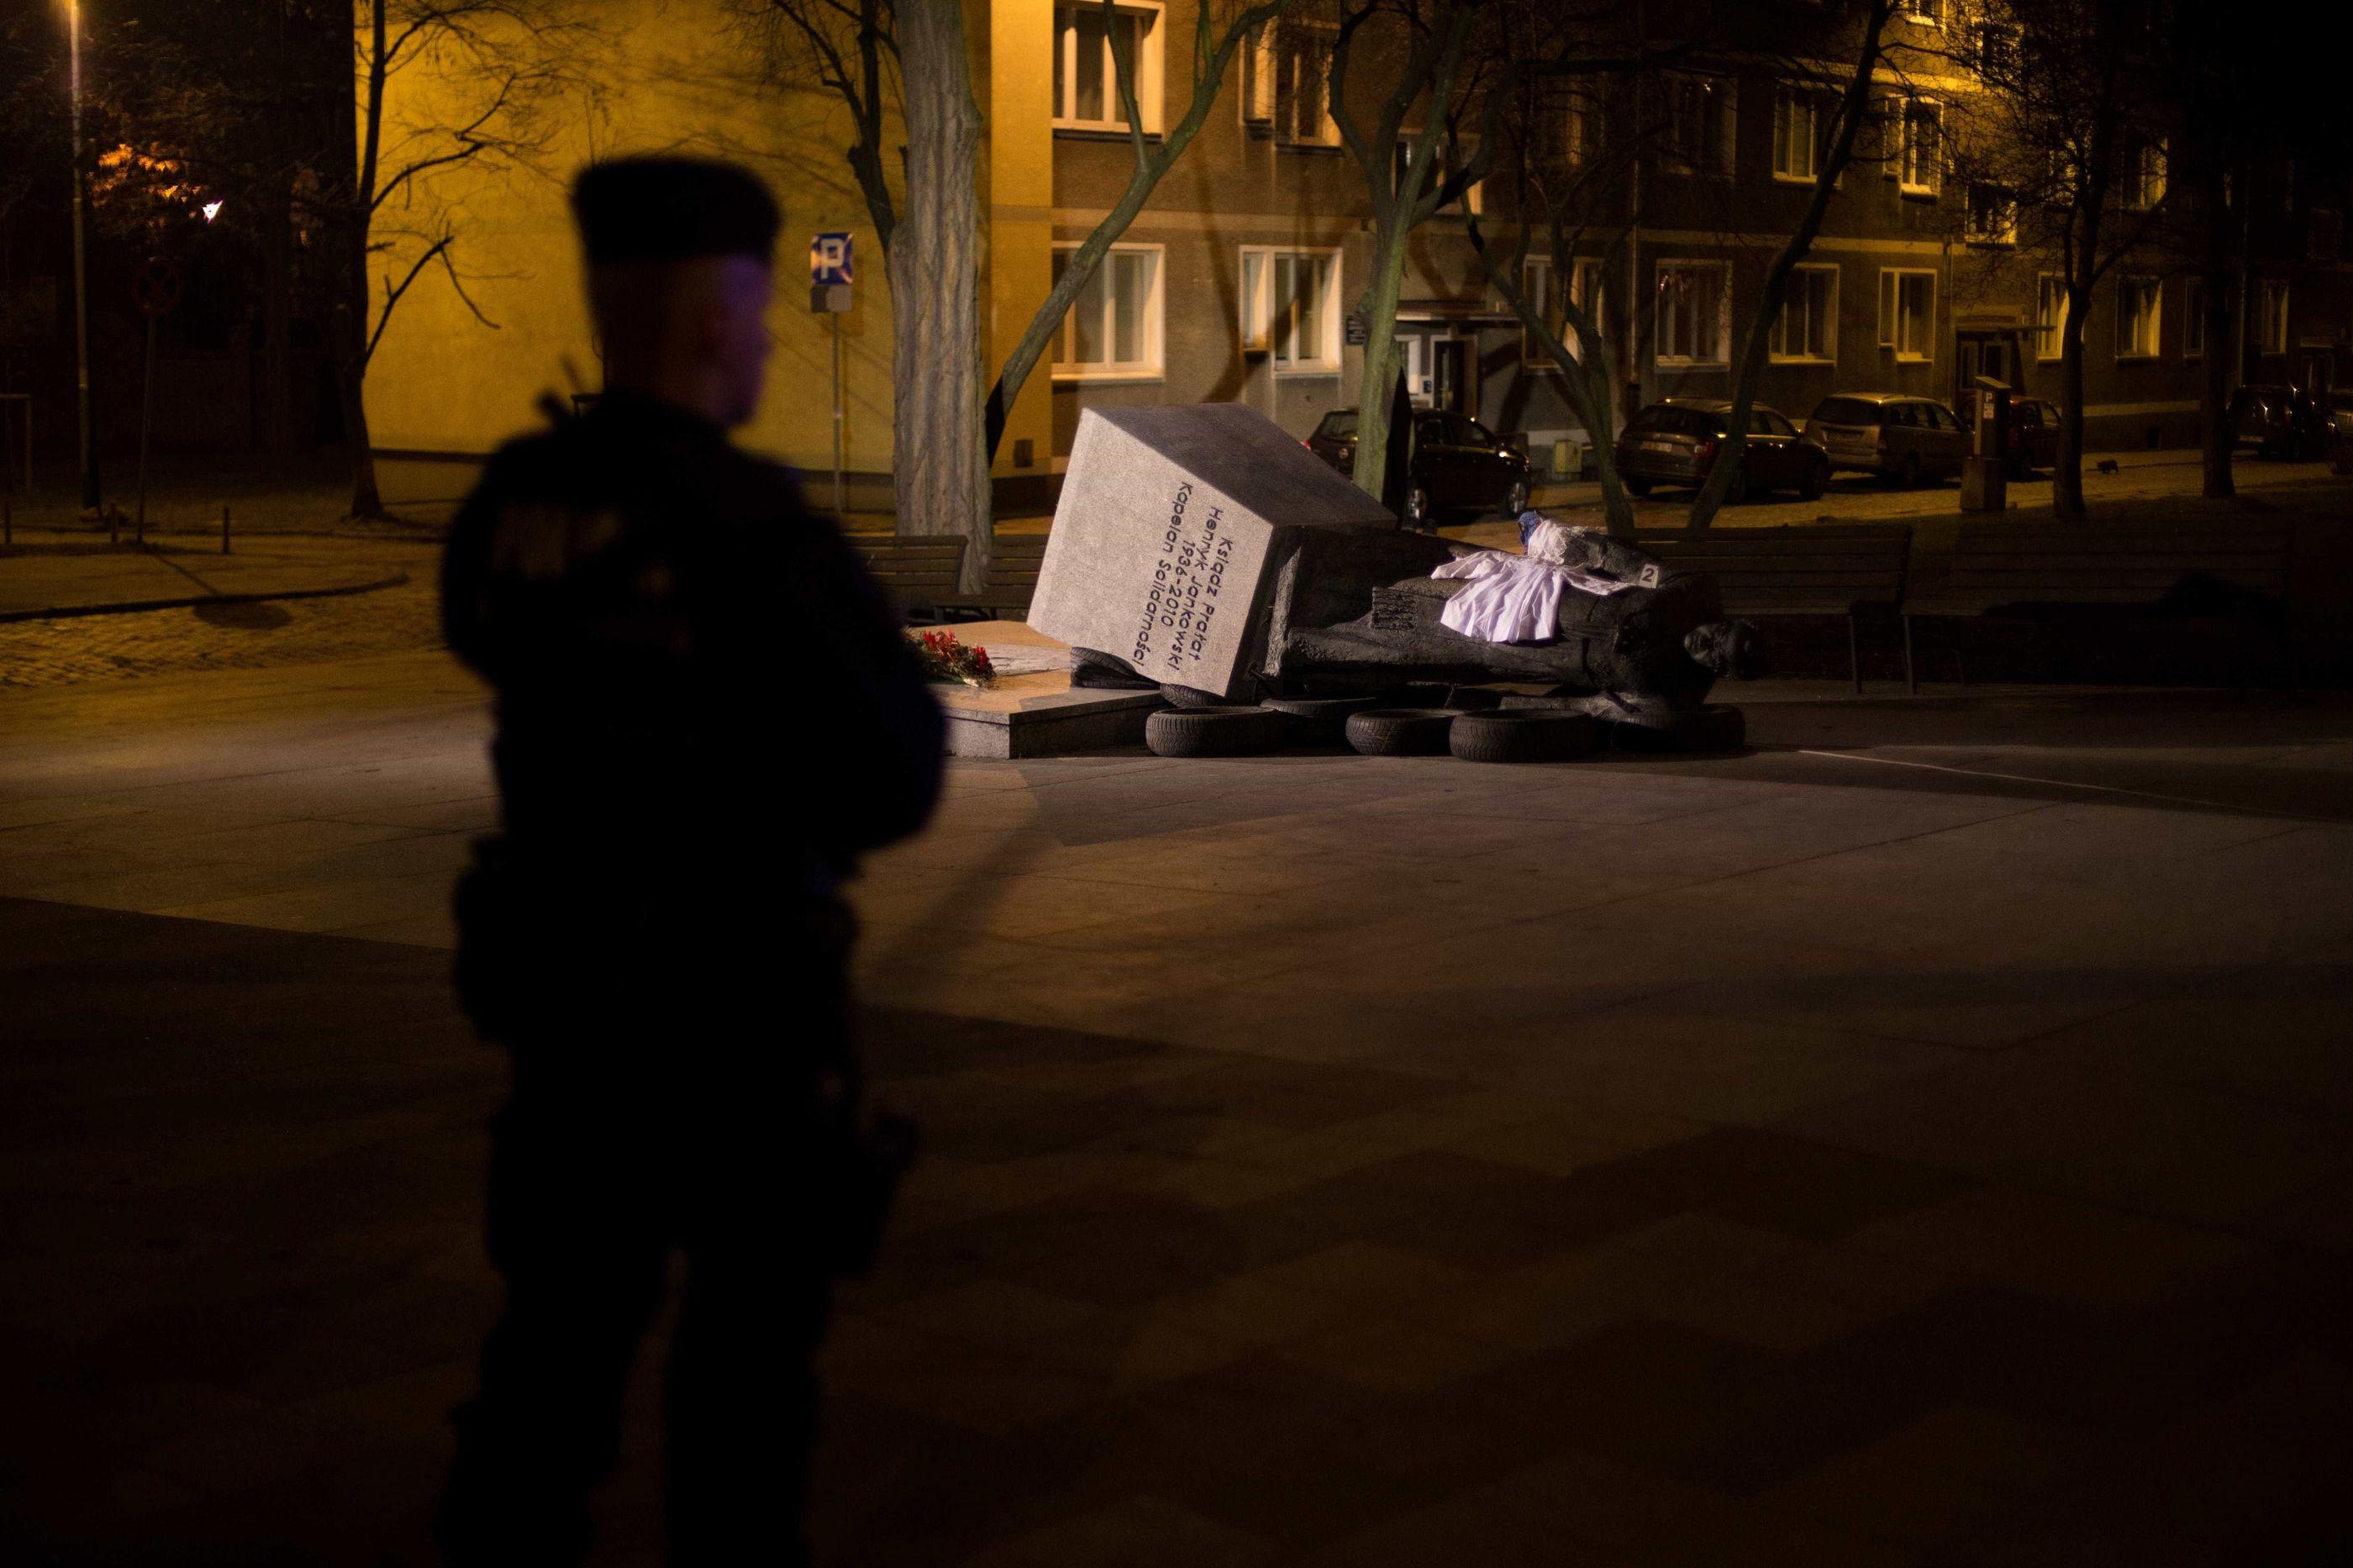 Estátua de padre investigado por pedofilia derrubada na Polónia